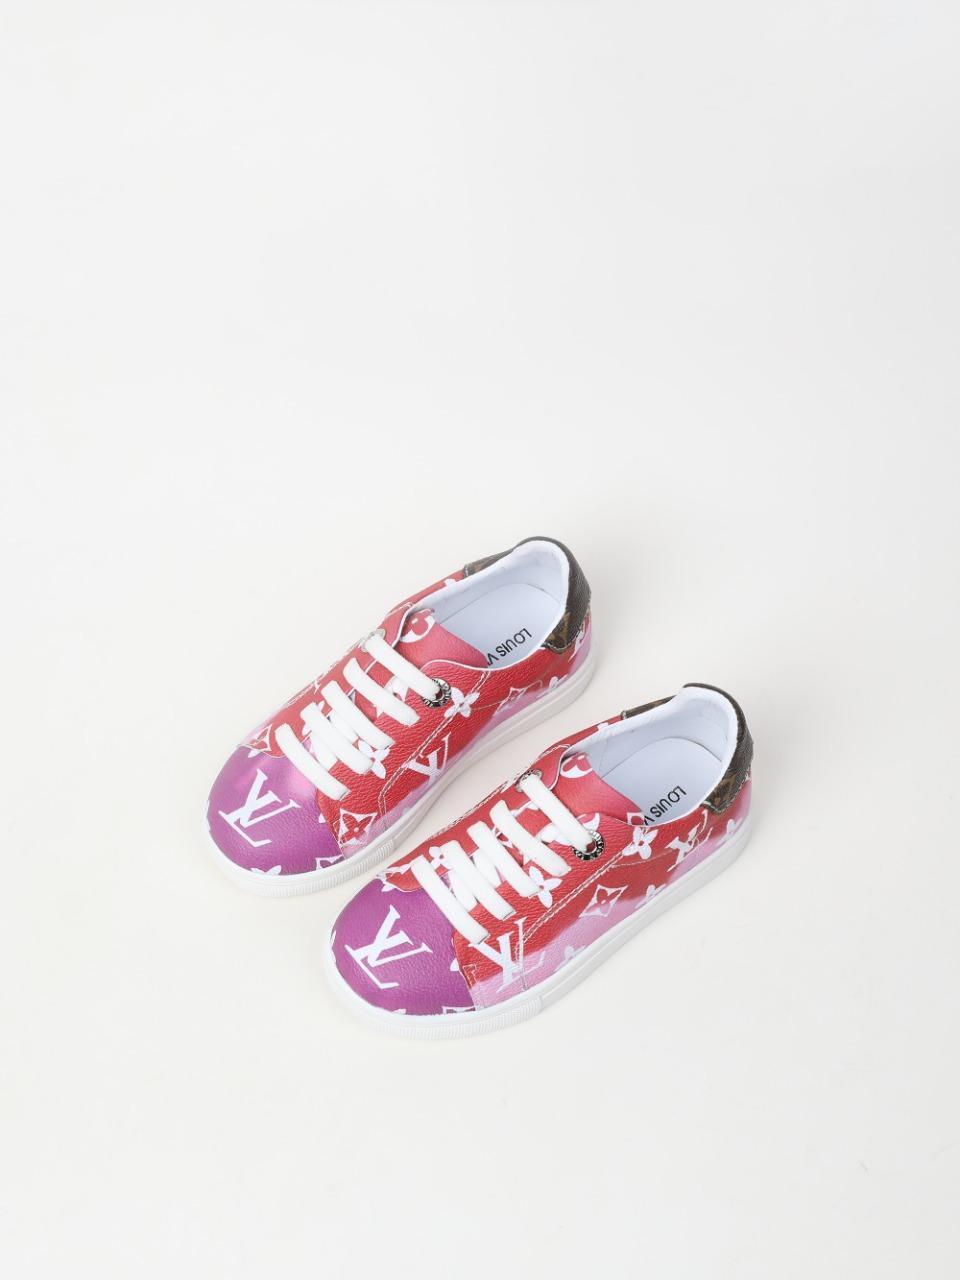 малыш мальчика обуви письмо дизайн 2020 осени новой мода работает спортивные тренажеры розового цвета маленькой девочки ткань скольжение на обувь малыше